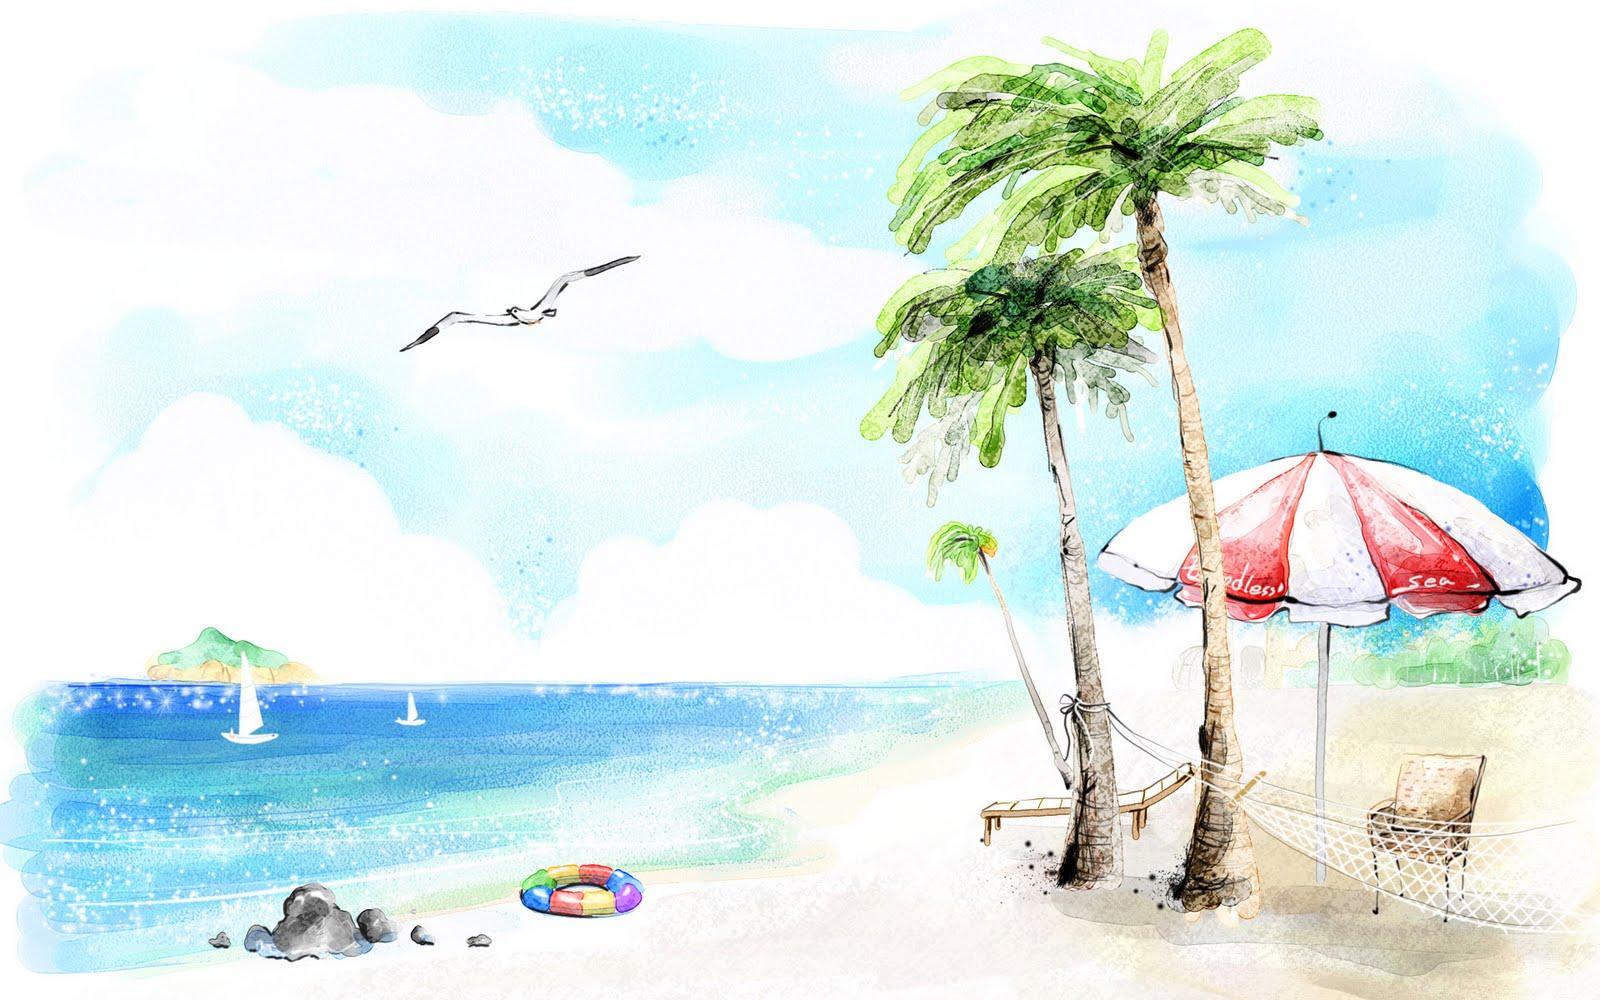 http://4.bp.blogspot.com/_0EWrpebzbIA/S_x59GtB4GI/AAAAAAAAAQM/NkgmkcdA-B8/s1600/digital-art-drawing-wallpaper+(11).jpg